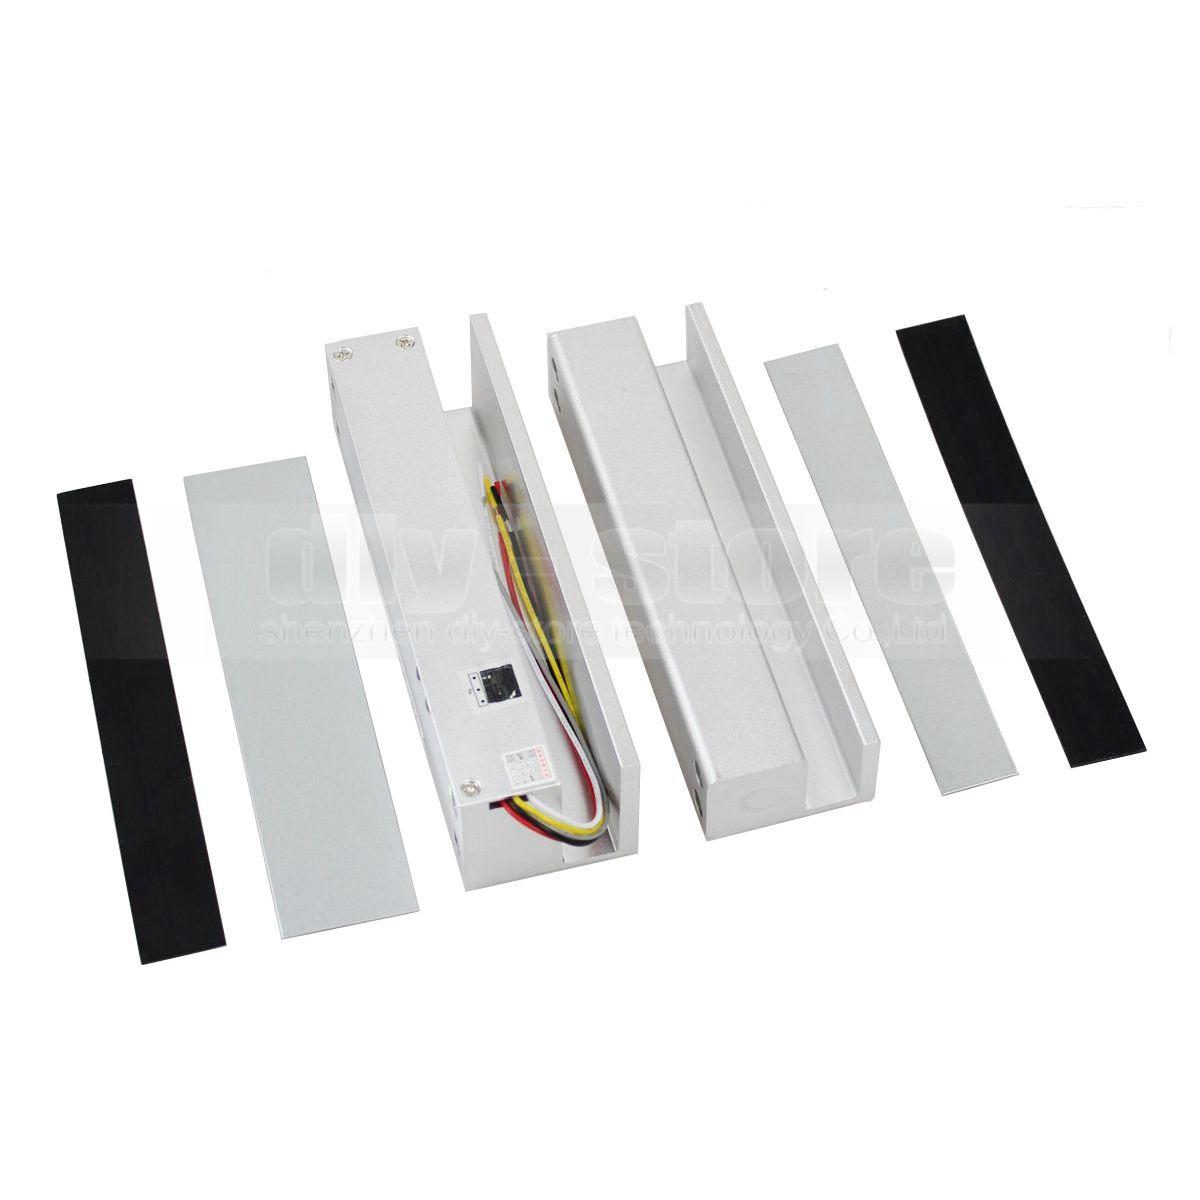 DIYSECUR 보안 전자 낙하 볼트 잠금 장치 전체 프레임 덜 유리 문 전자 도어 잠금 액세스 제어 시스템 키트